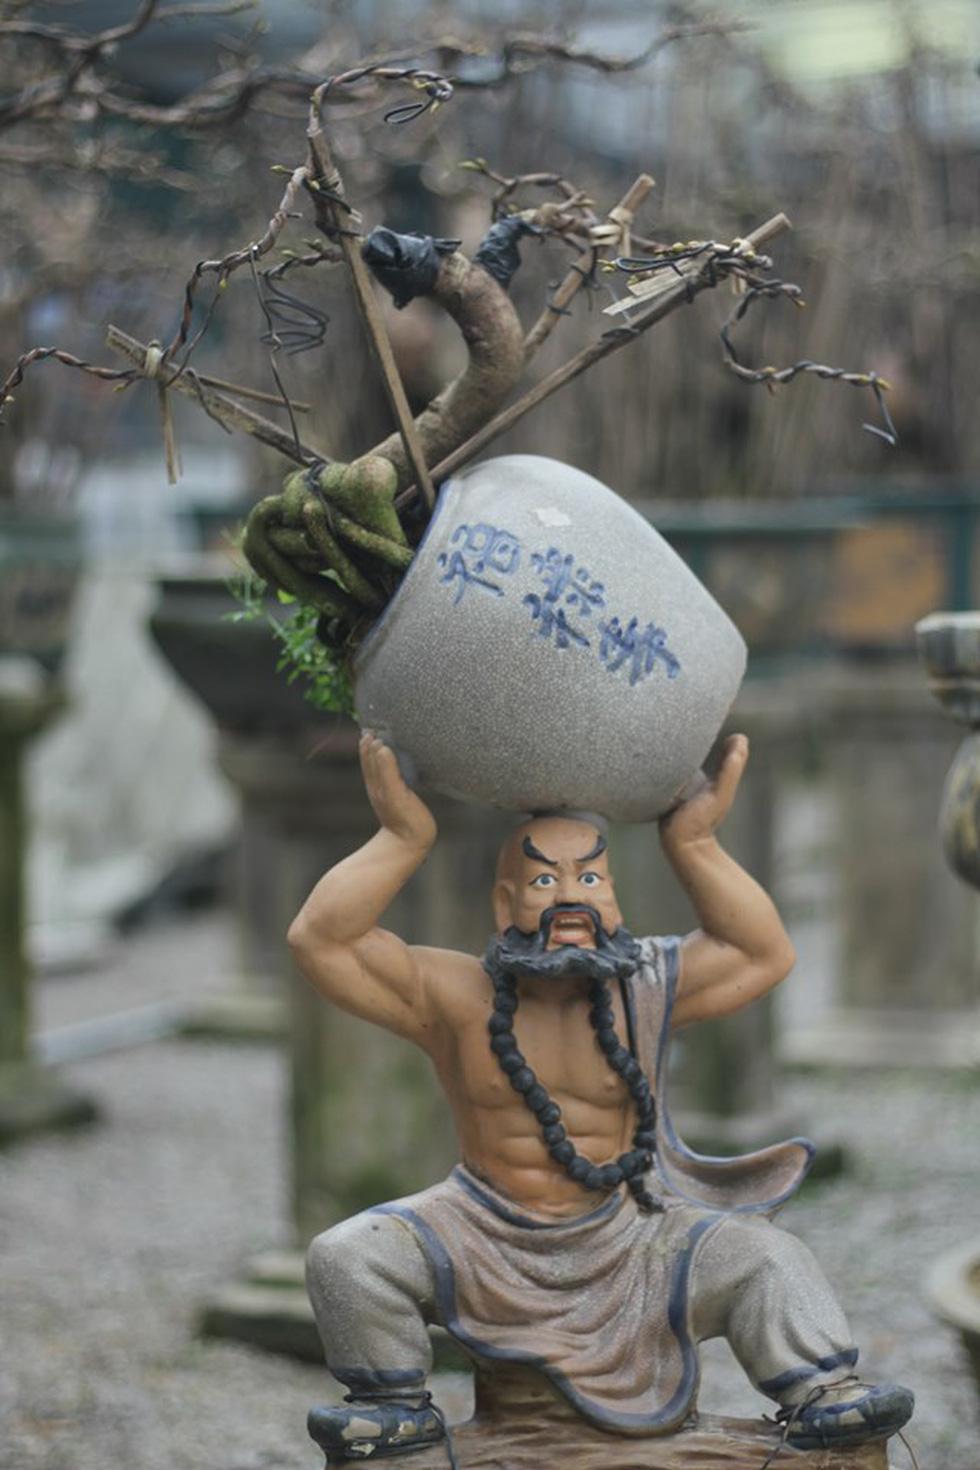 Chiêm ngưỡng đại lão mai Nét xưa Bình Định, Khủng long bạo chúa, Vũ nữ chân dài - Ảnh 10.